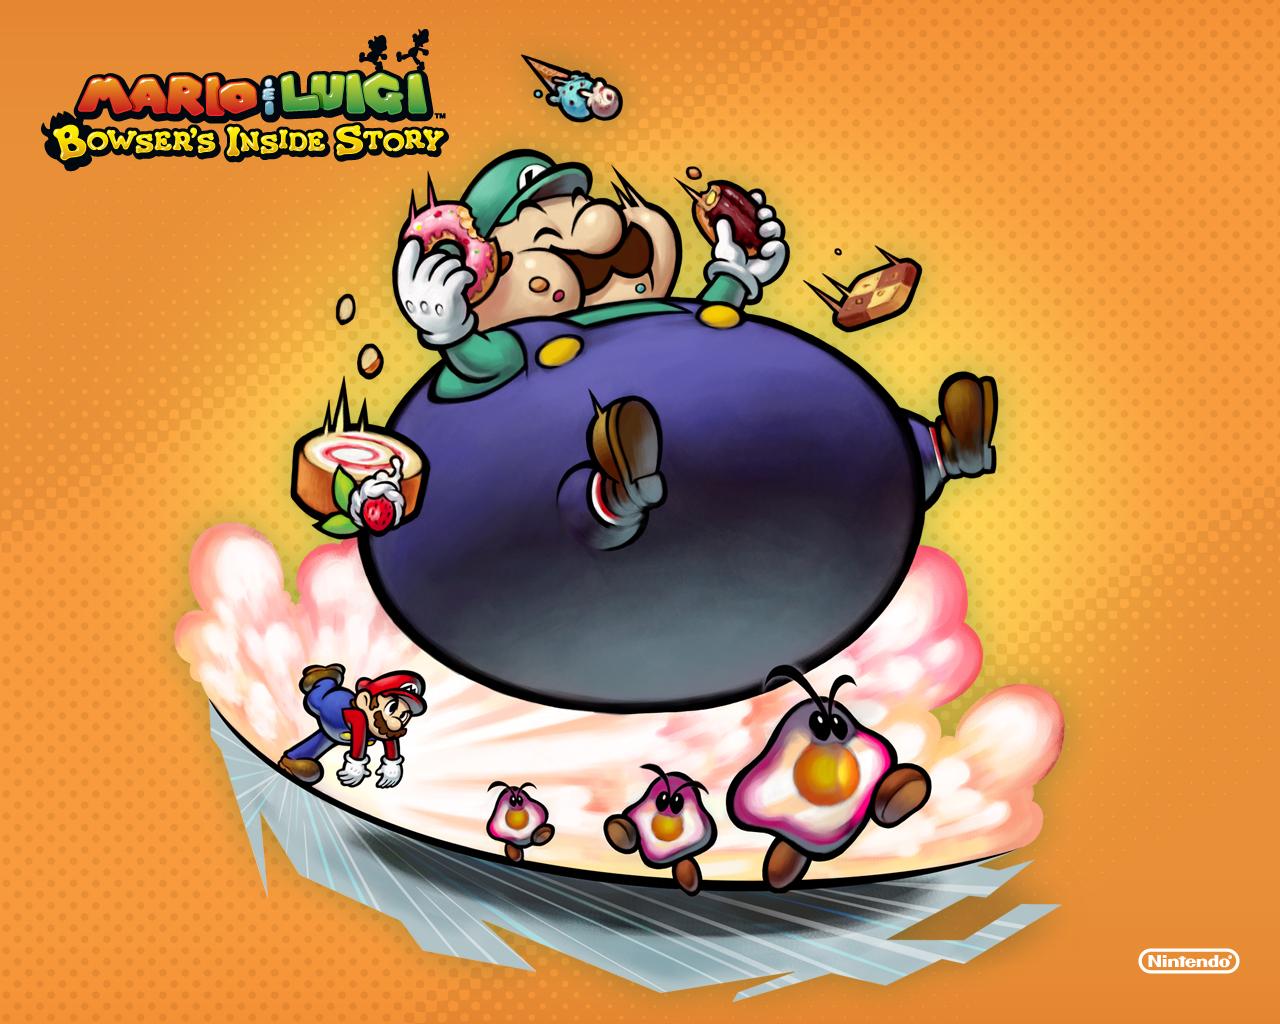 Super Mario Bros. Mario and Luigi Bowser inside story